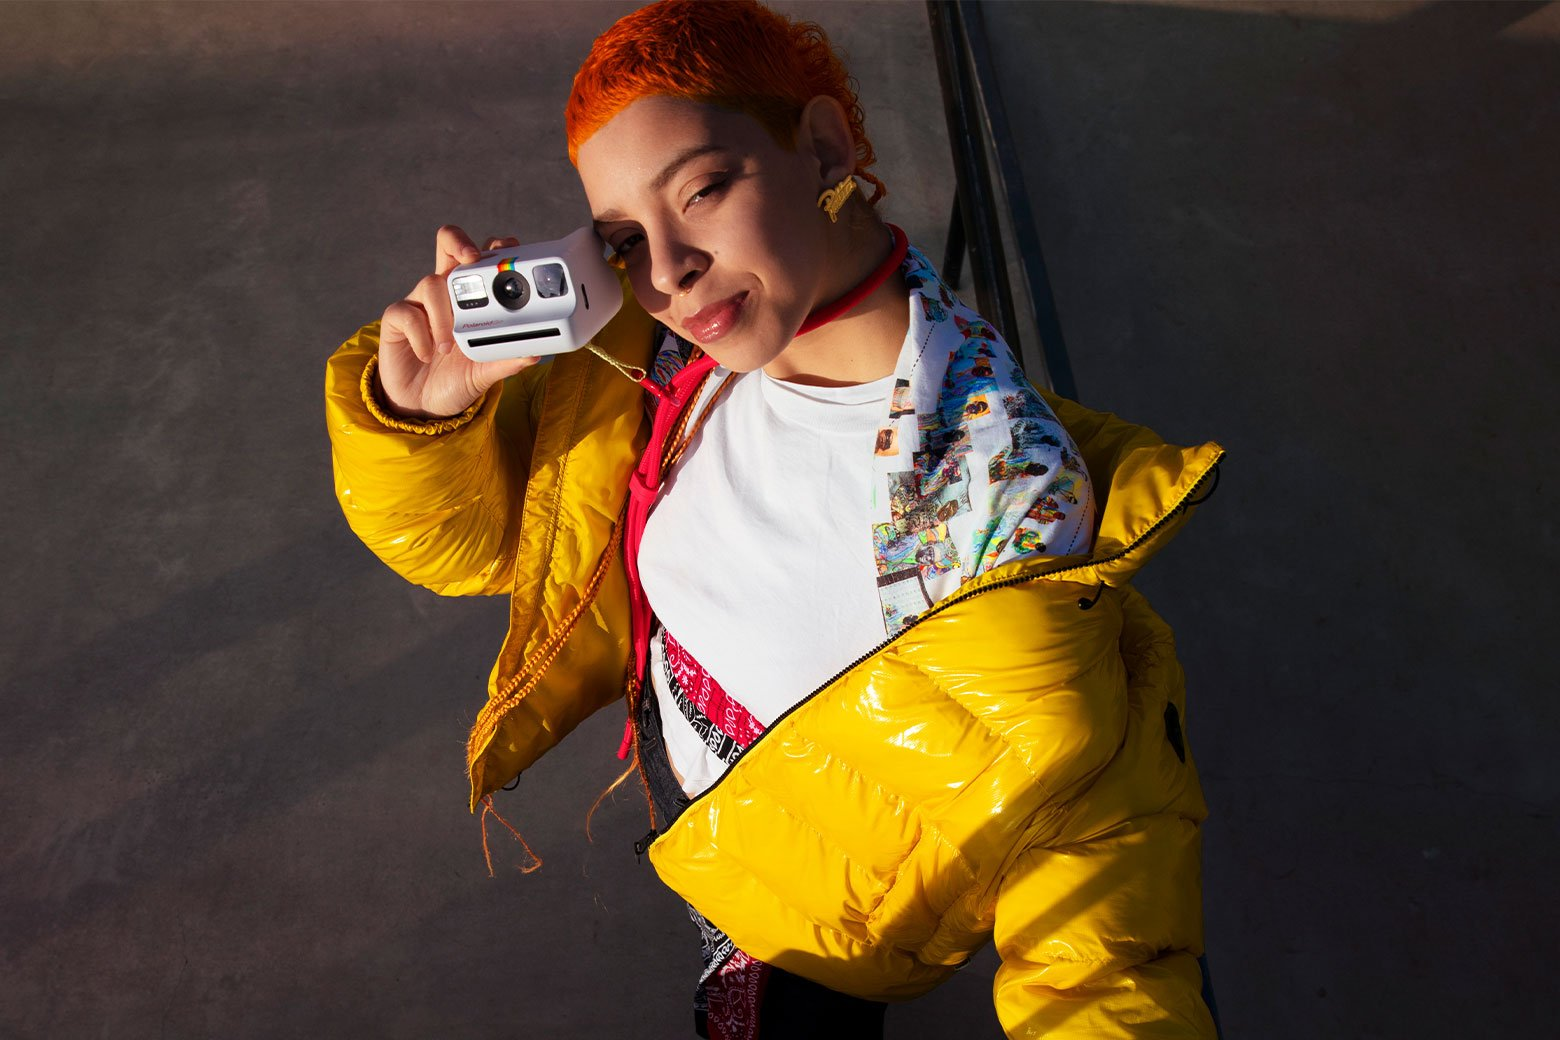 Le Polaroid Go tient facilement dans une seule main